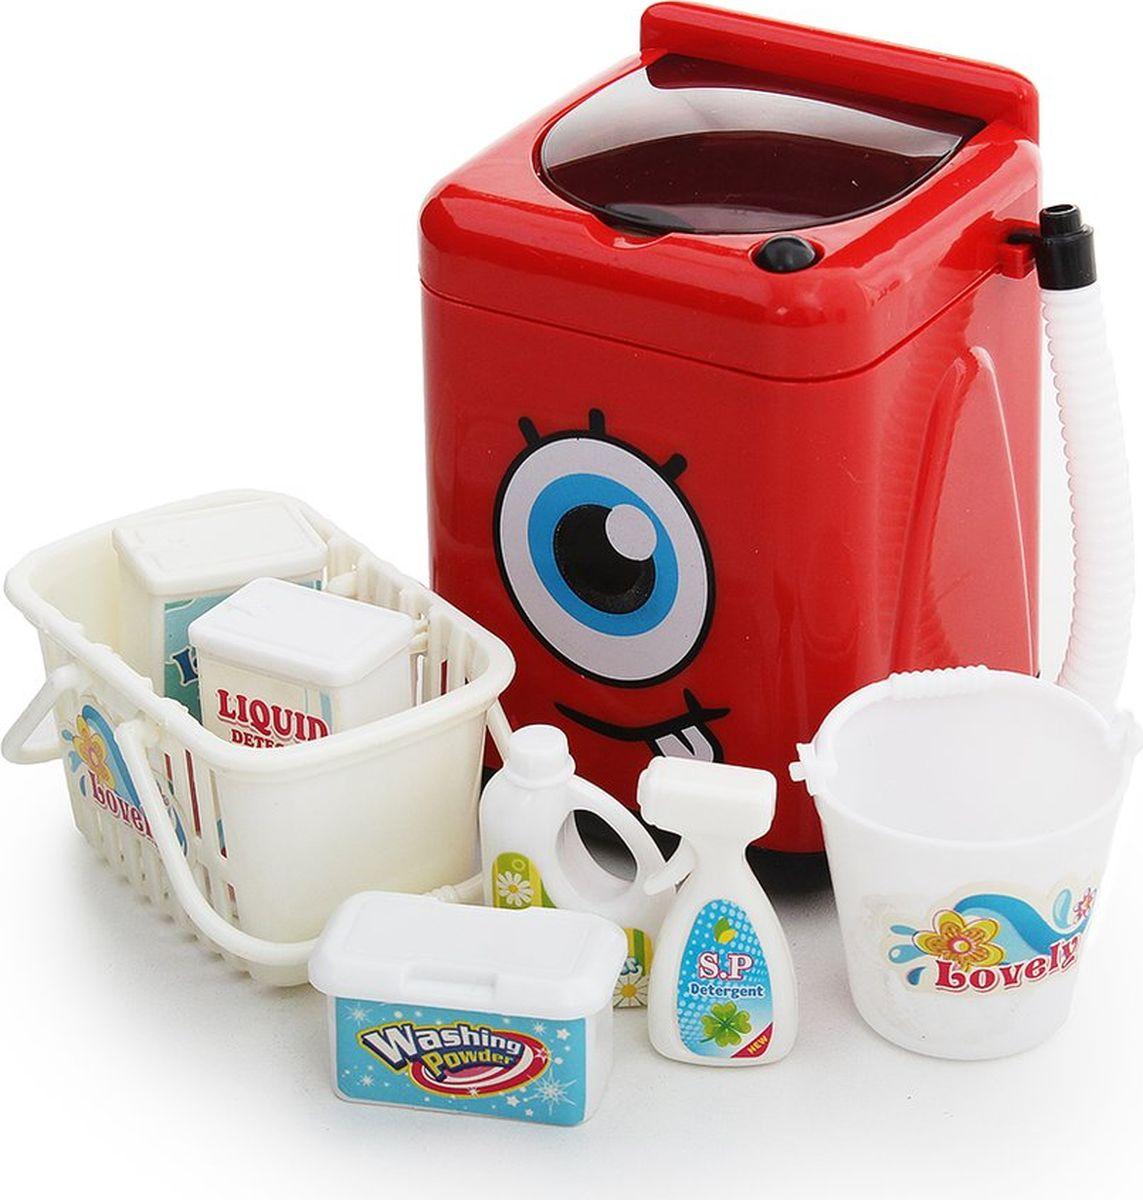 """Сюжетно-ролевые игрушки Fudaer Игровой набор """"Бытовая техника. Стиральная машинка с аксессуарами"""" красный"""